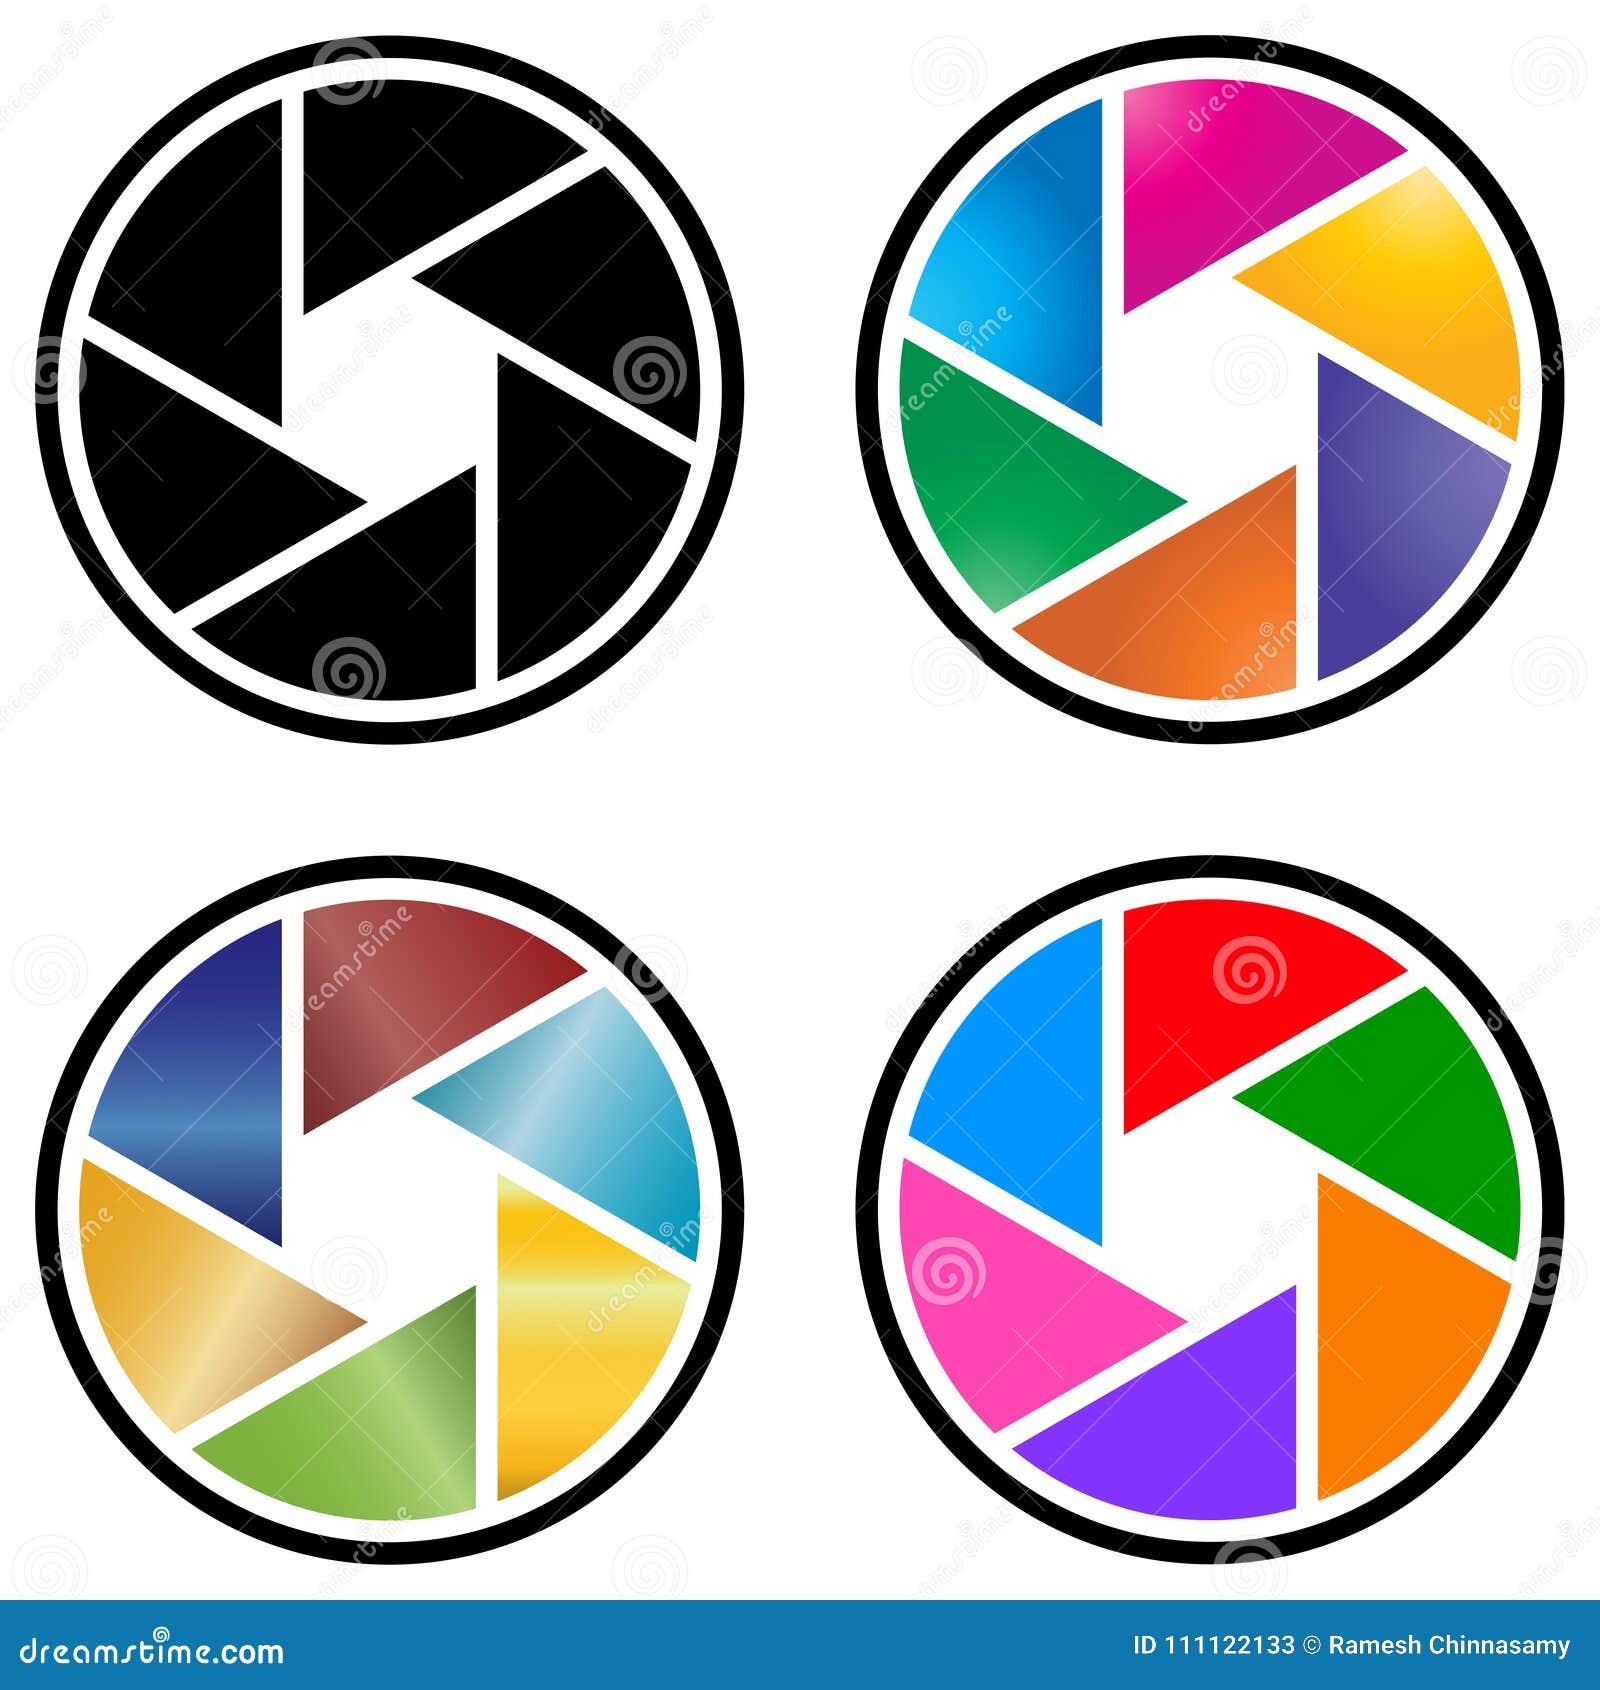 Логотип объектива фотоаппарата фотографии с красочным дизайном